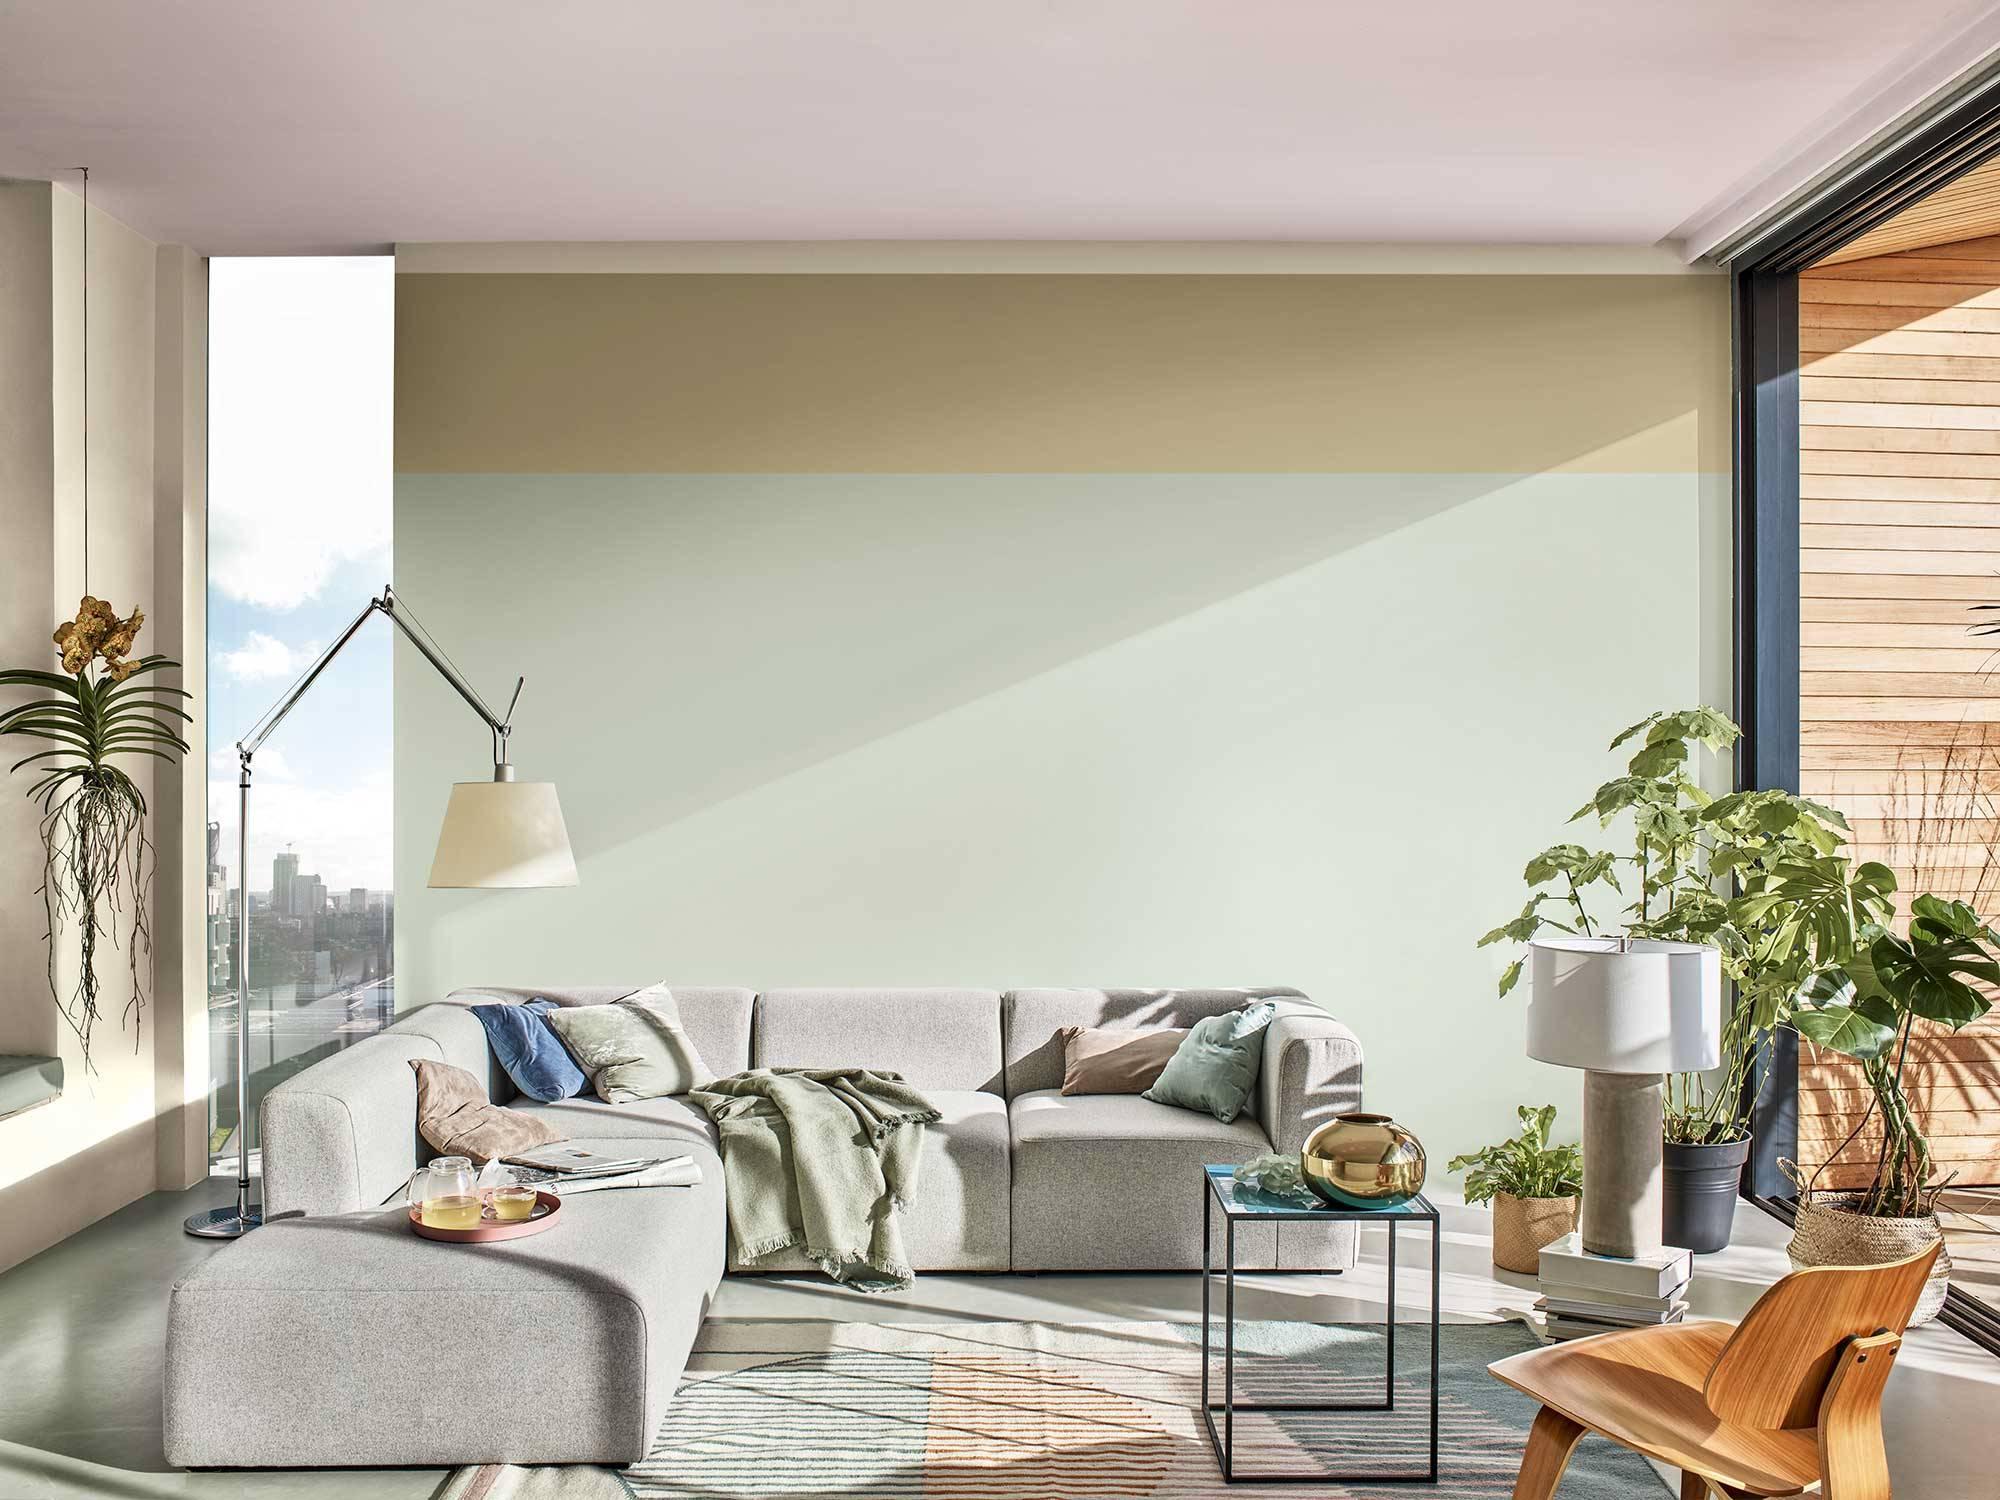 Color-del-Año -Amanecer-Tranquilo Salón. Amanecer tranquilo, Color del Año 2020 de Bruguer